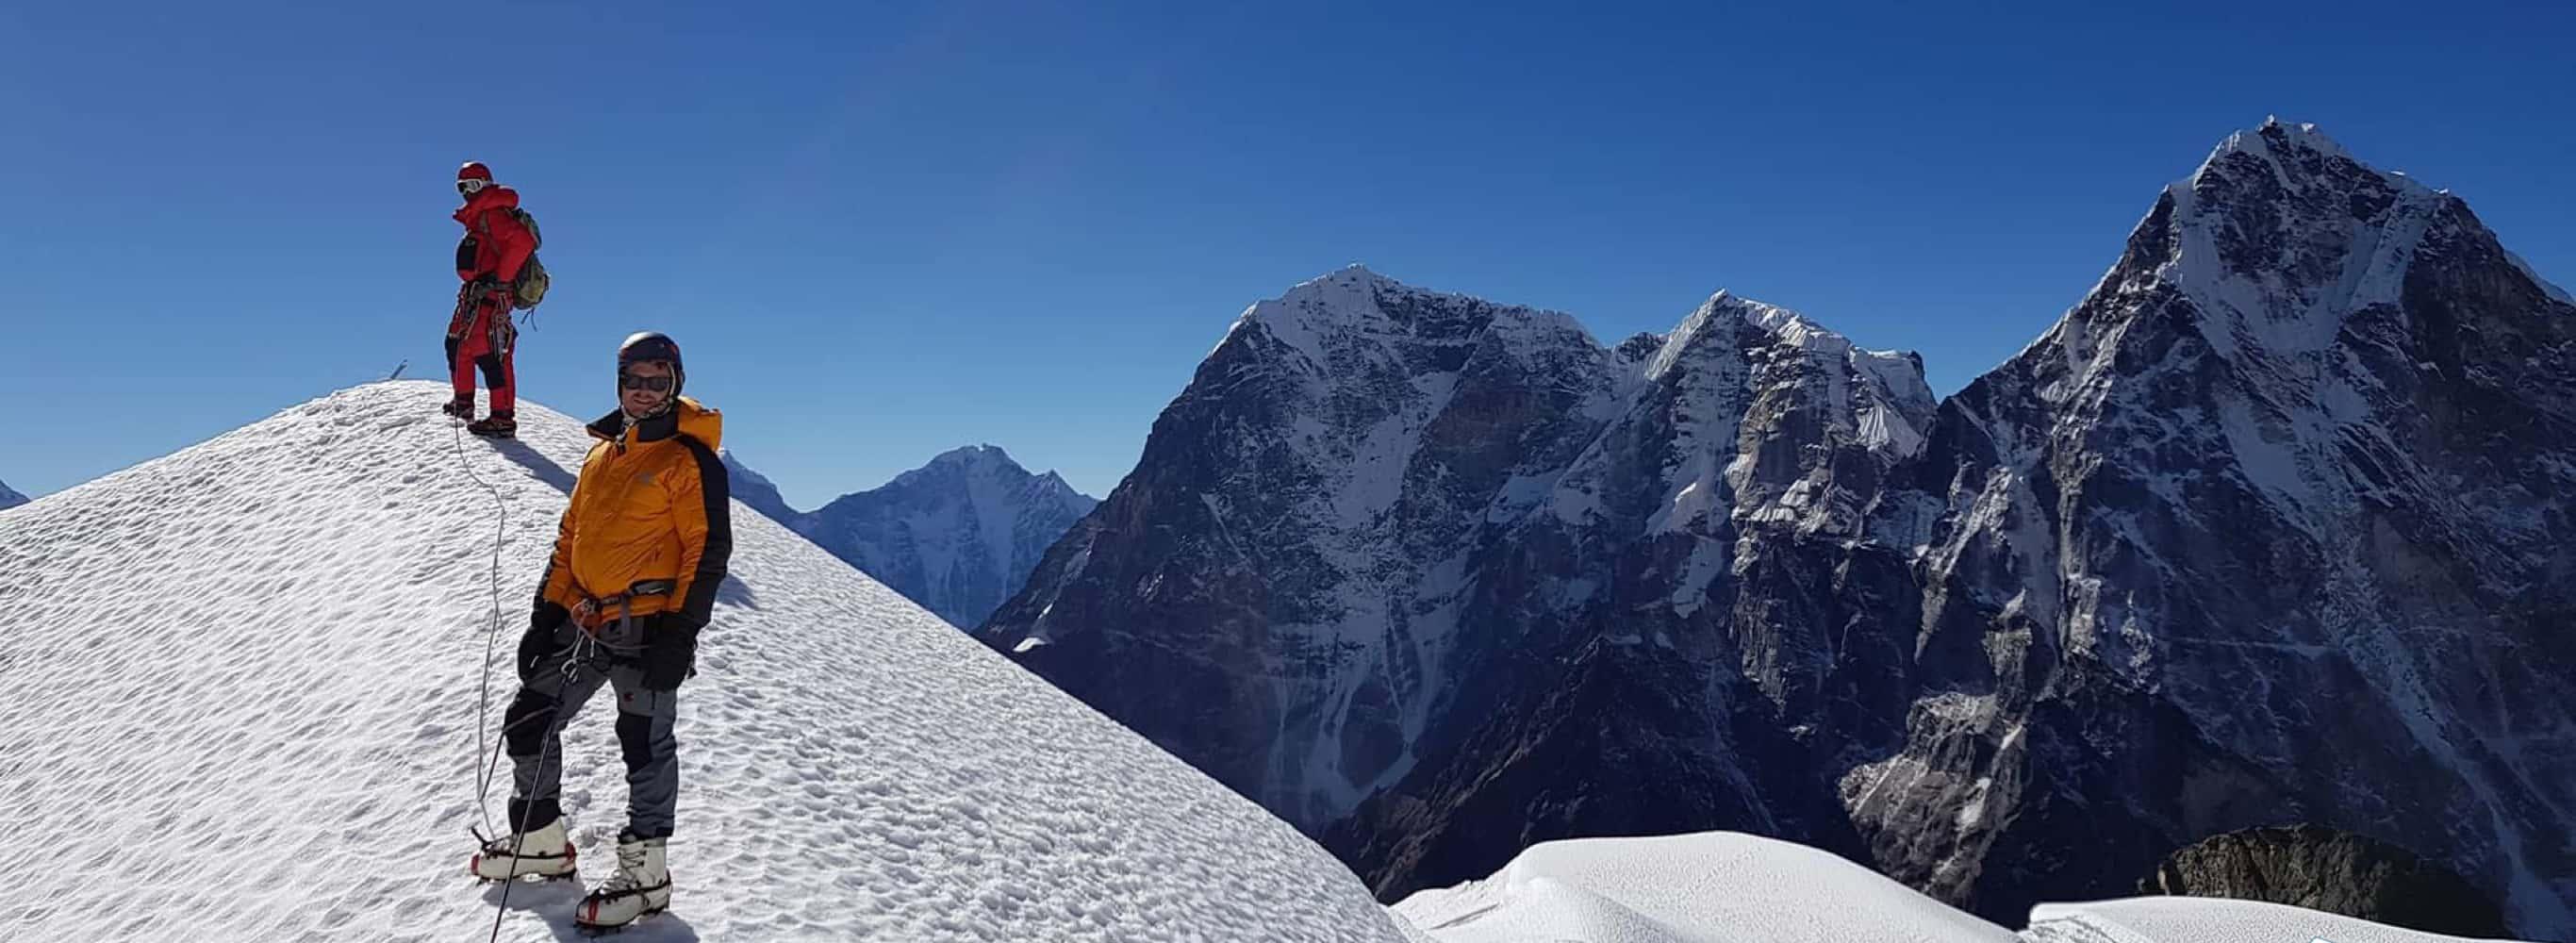 Mera Peak and Island Peak Climbing via Amphu Laptsa Pass - 25 Days